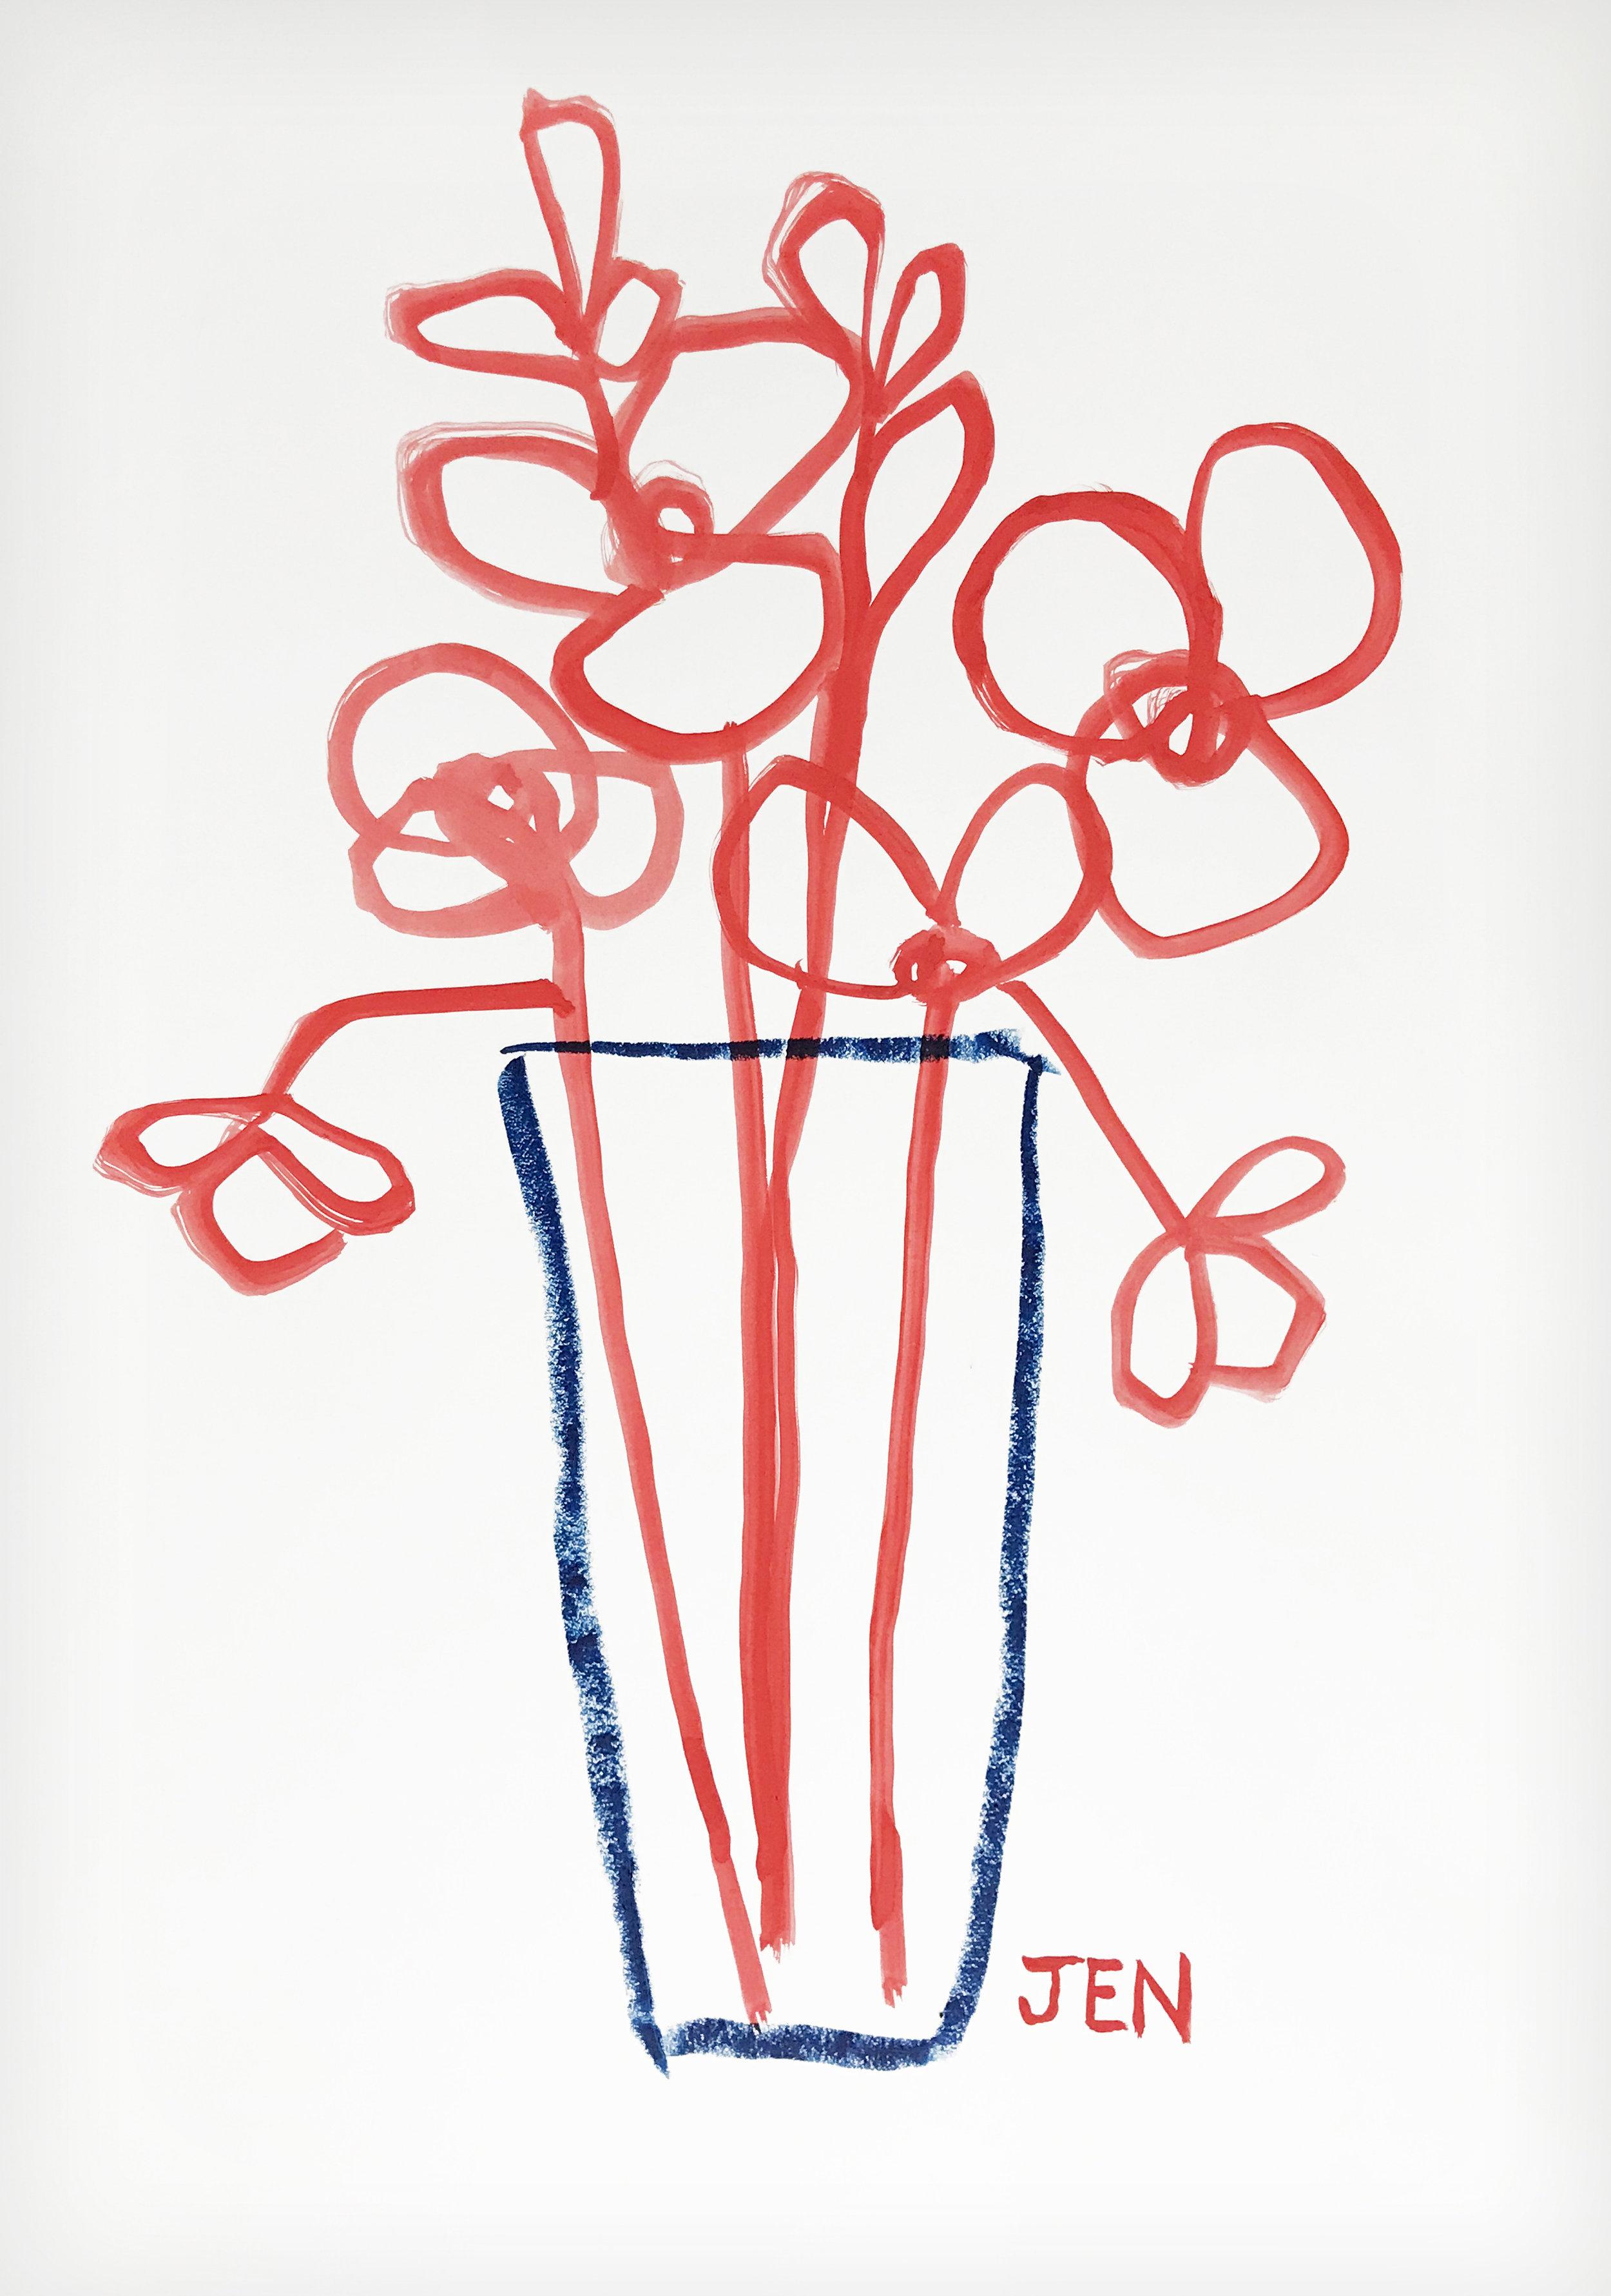 Floral_RedWhiteBlue.jpg